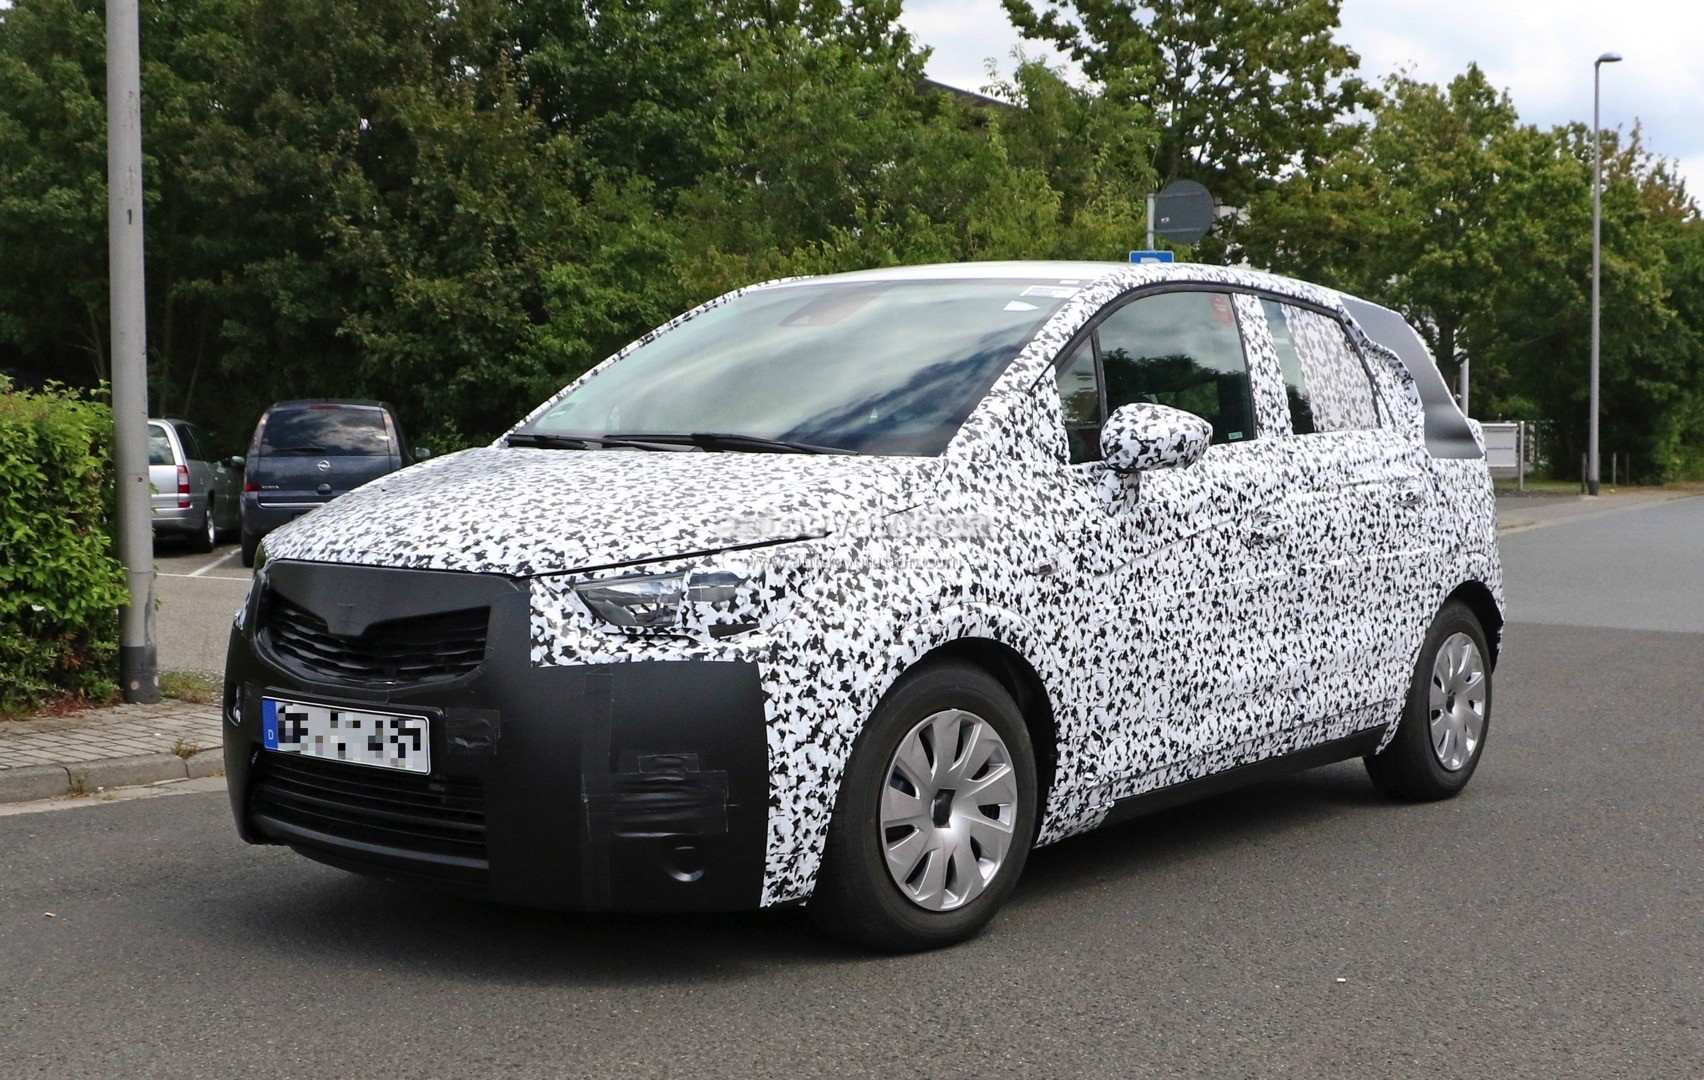 2017 Opel Meriva C Swaps Suicide Doors For Regular Doors